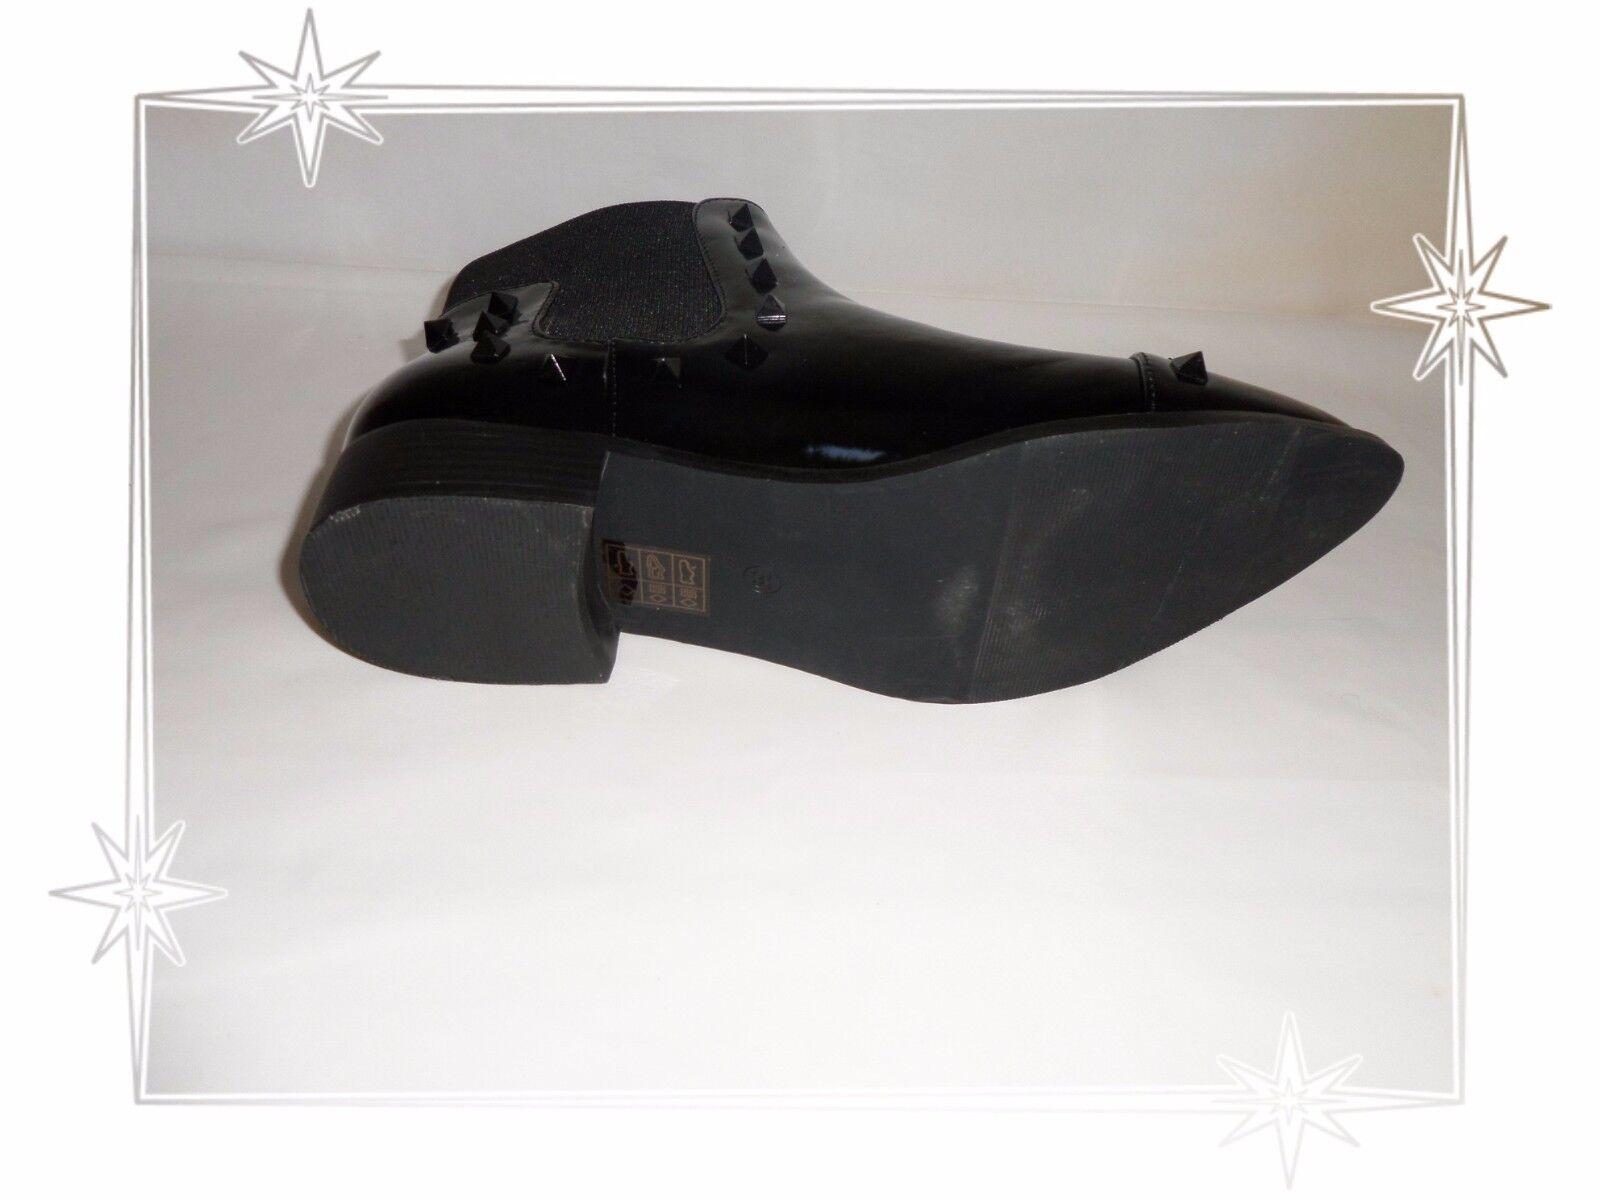 Schön Stiefletten Schwarz Lack Schwarz Stiefletten Nägel Malien Größe 39 82516d